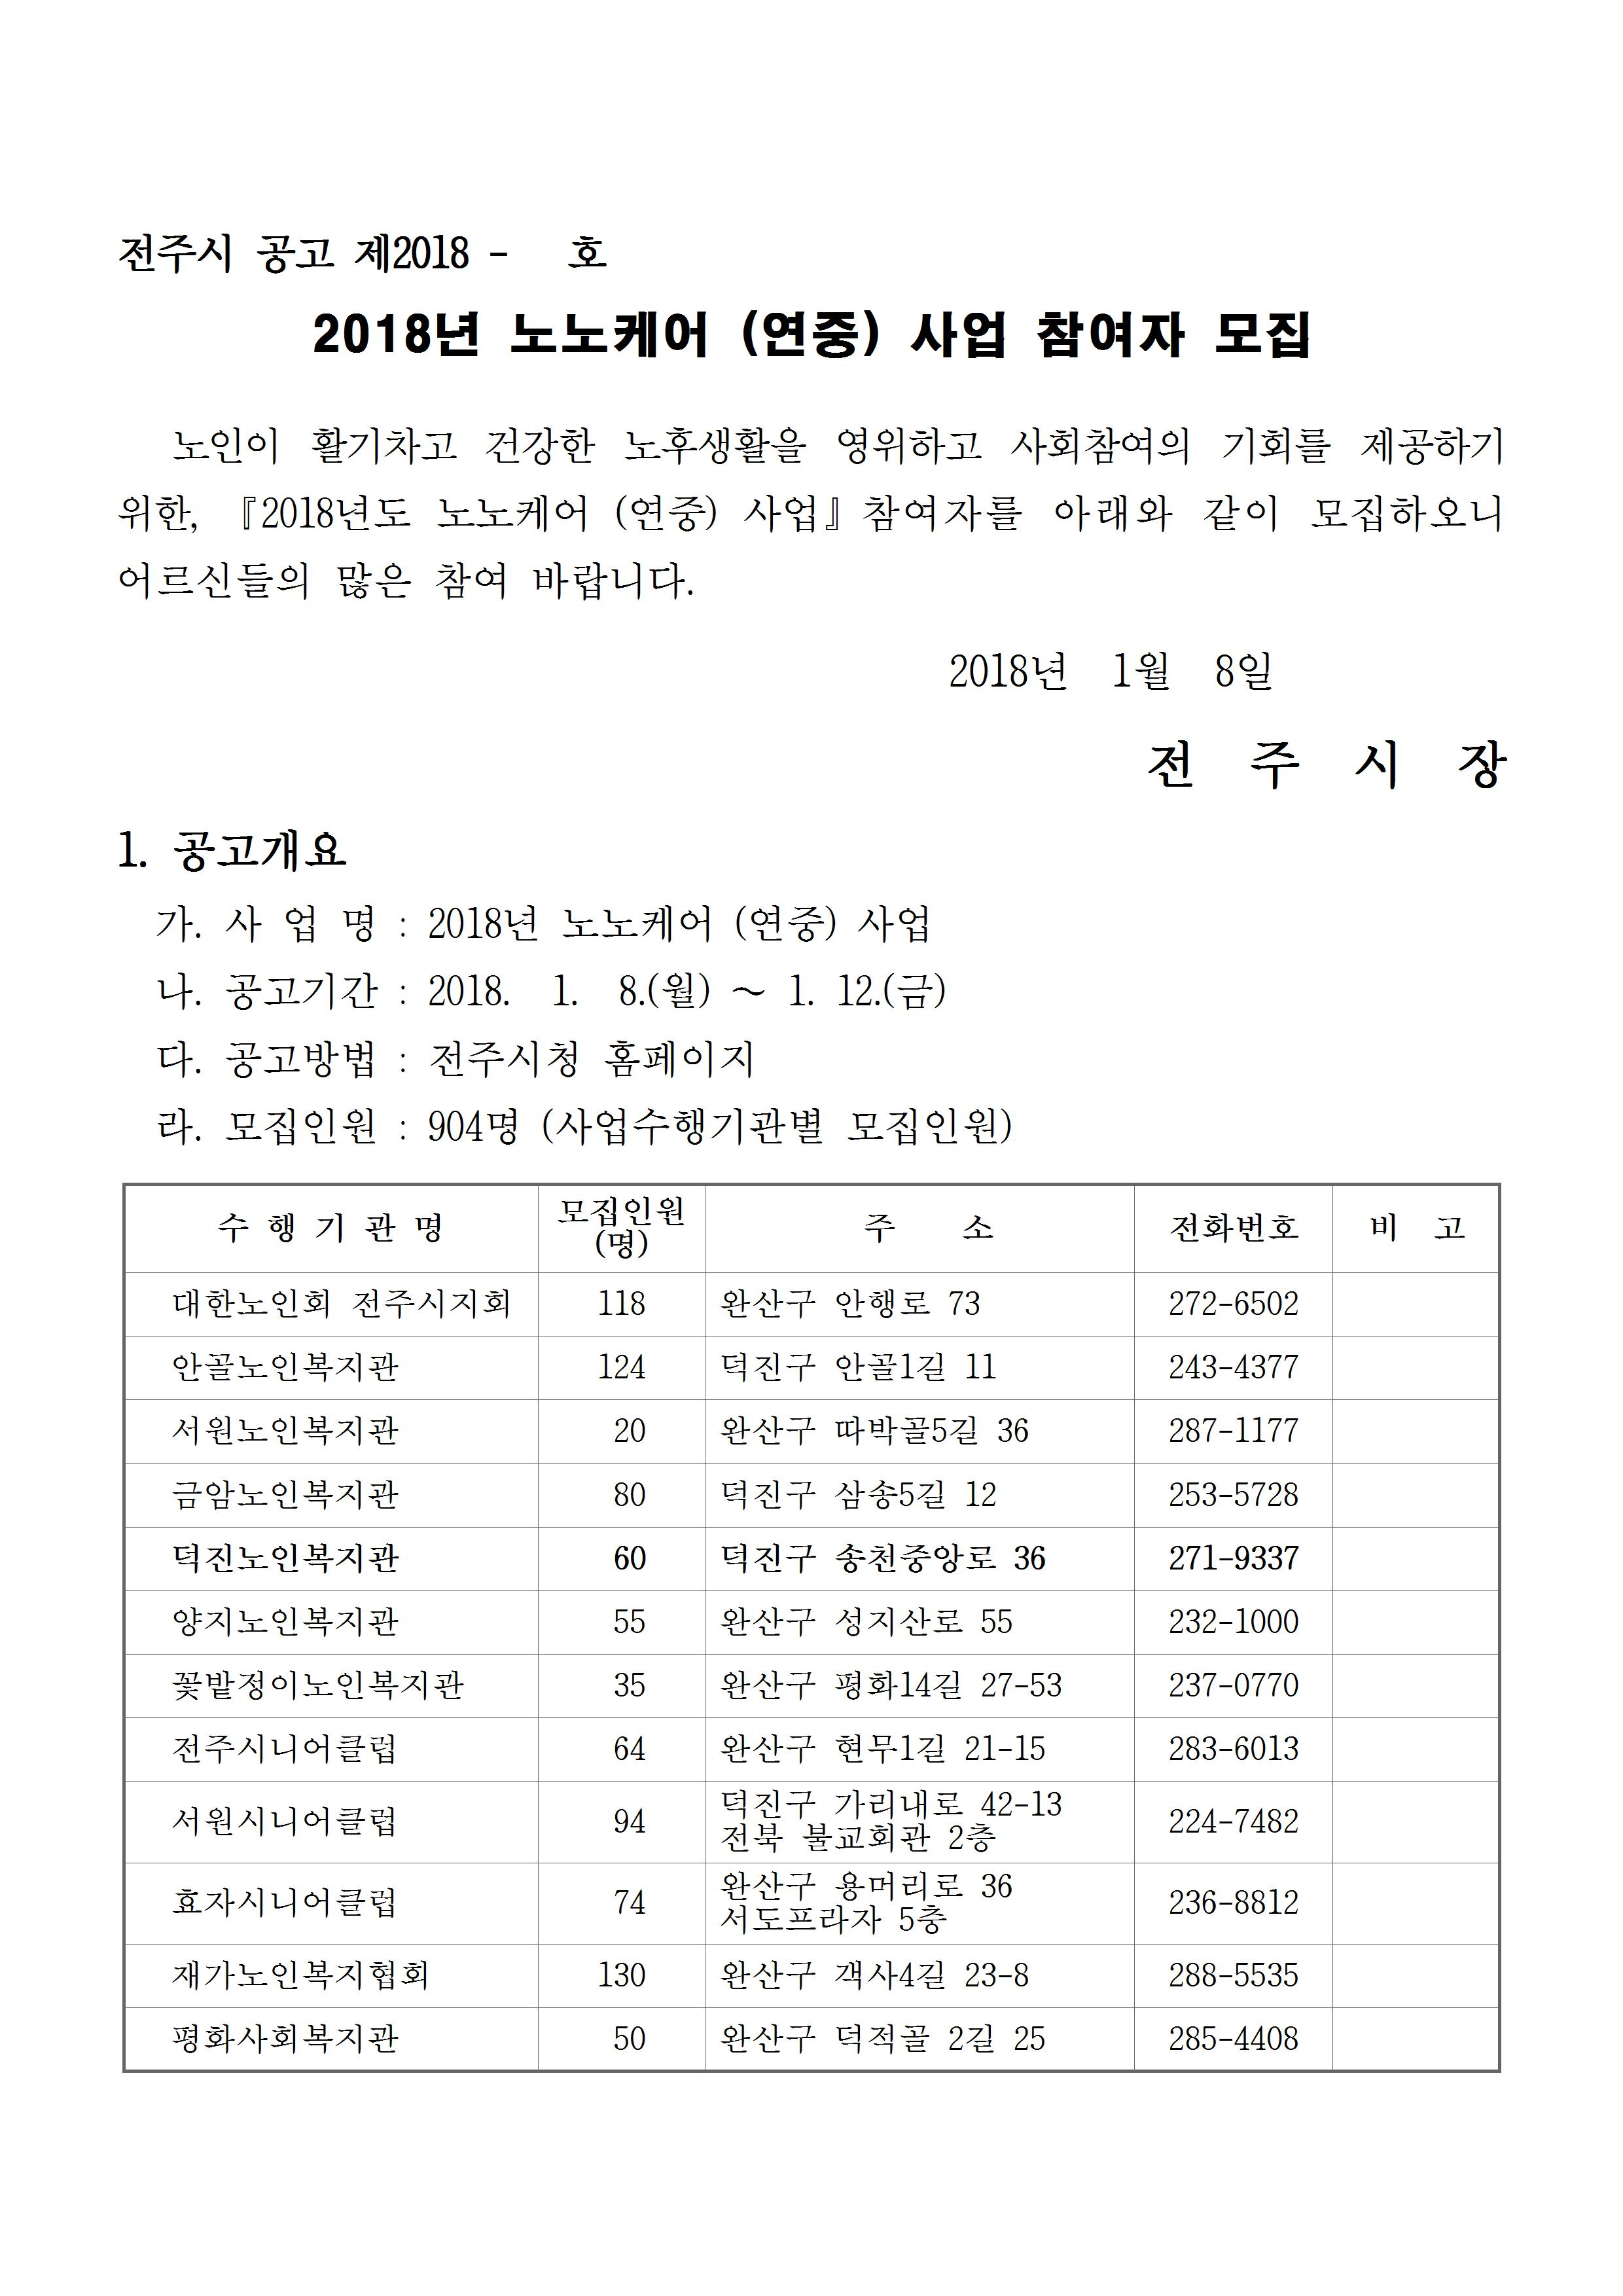 2018년 노노케어(연중) 참여자 모집 공고(기관홍보용)001.jpg